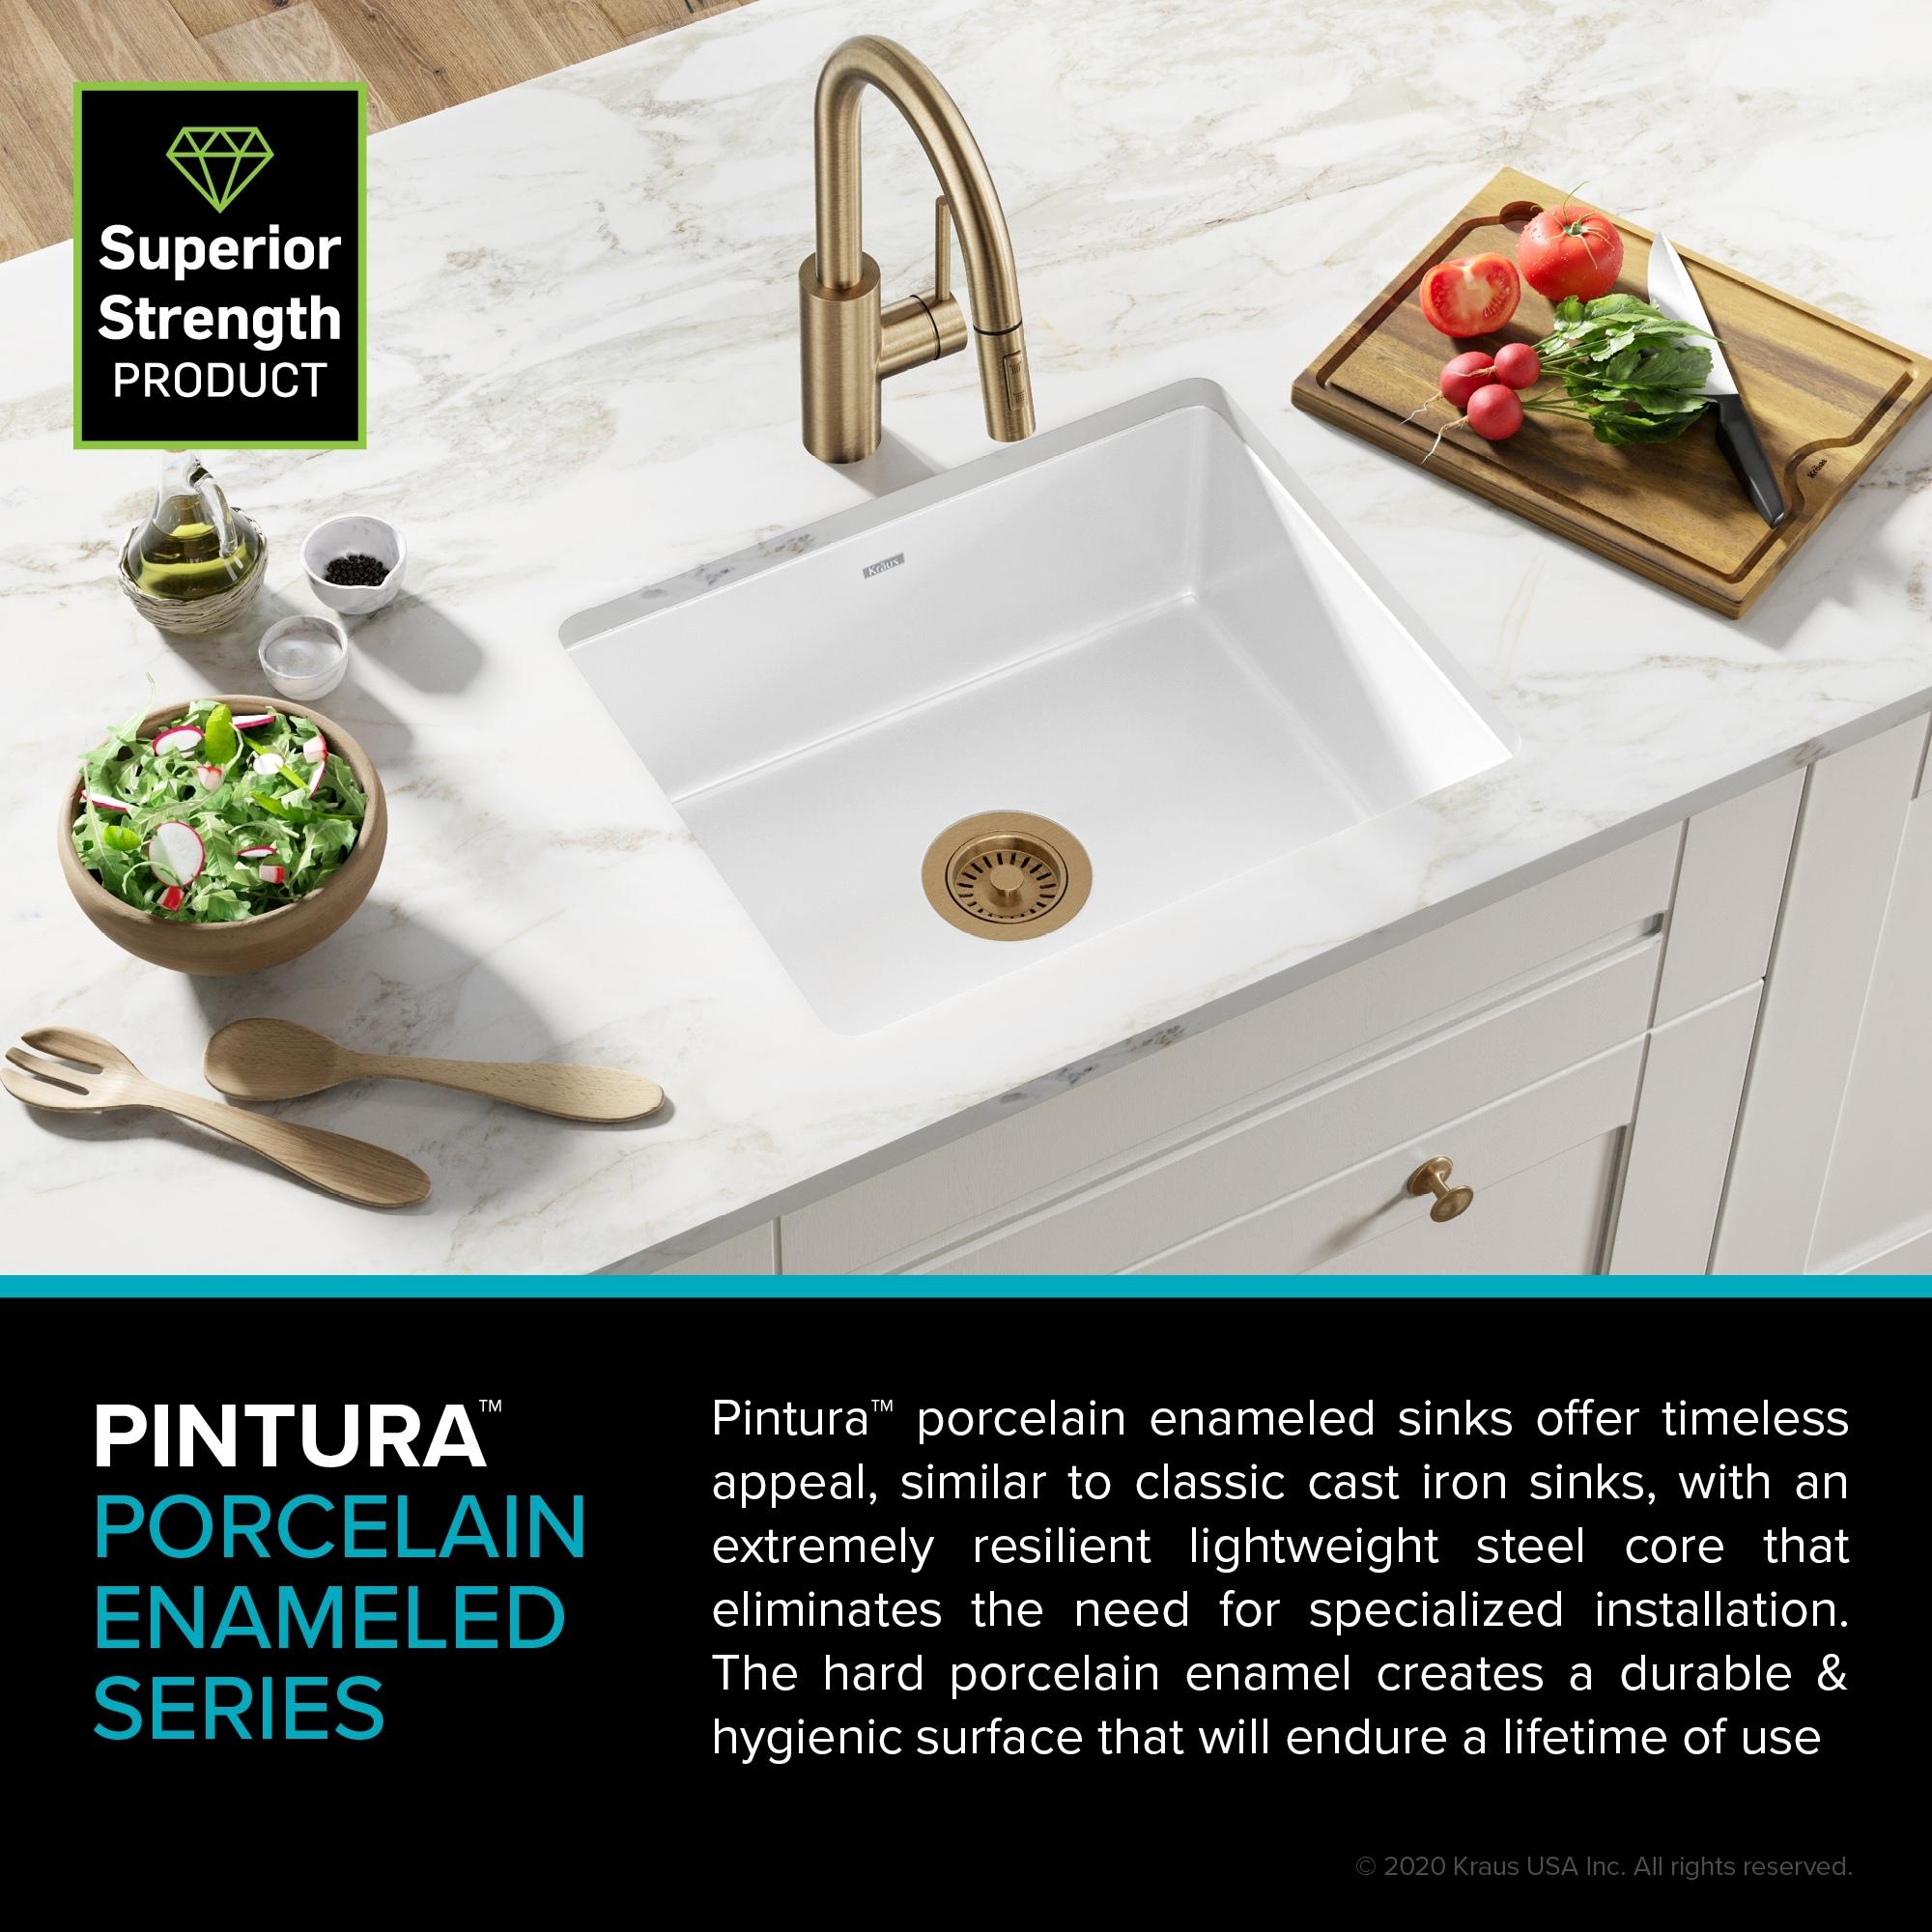 KRAUS Pintura Porcelain Enameled Steel 8 inch Undermount Kitchen Sink